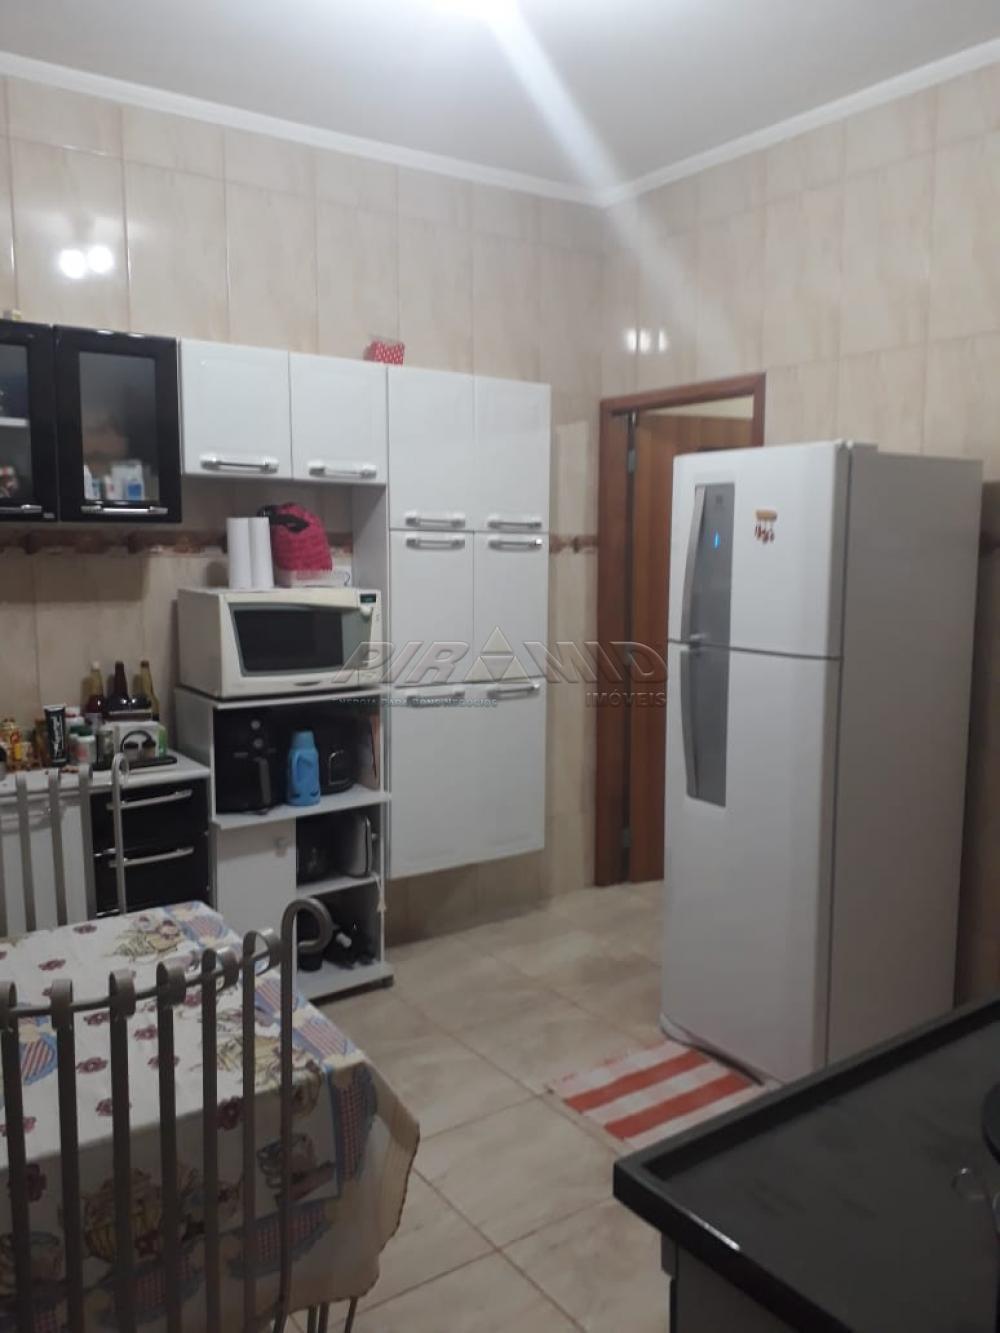 Alugar Casa / Padrão em Ribeirão Preto apenas R$ 1.100,00 - Foto 10